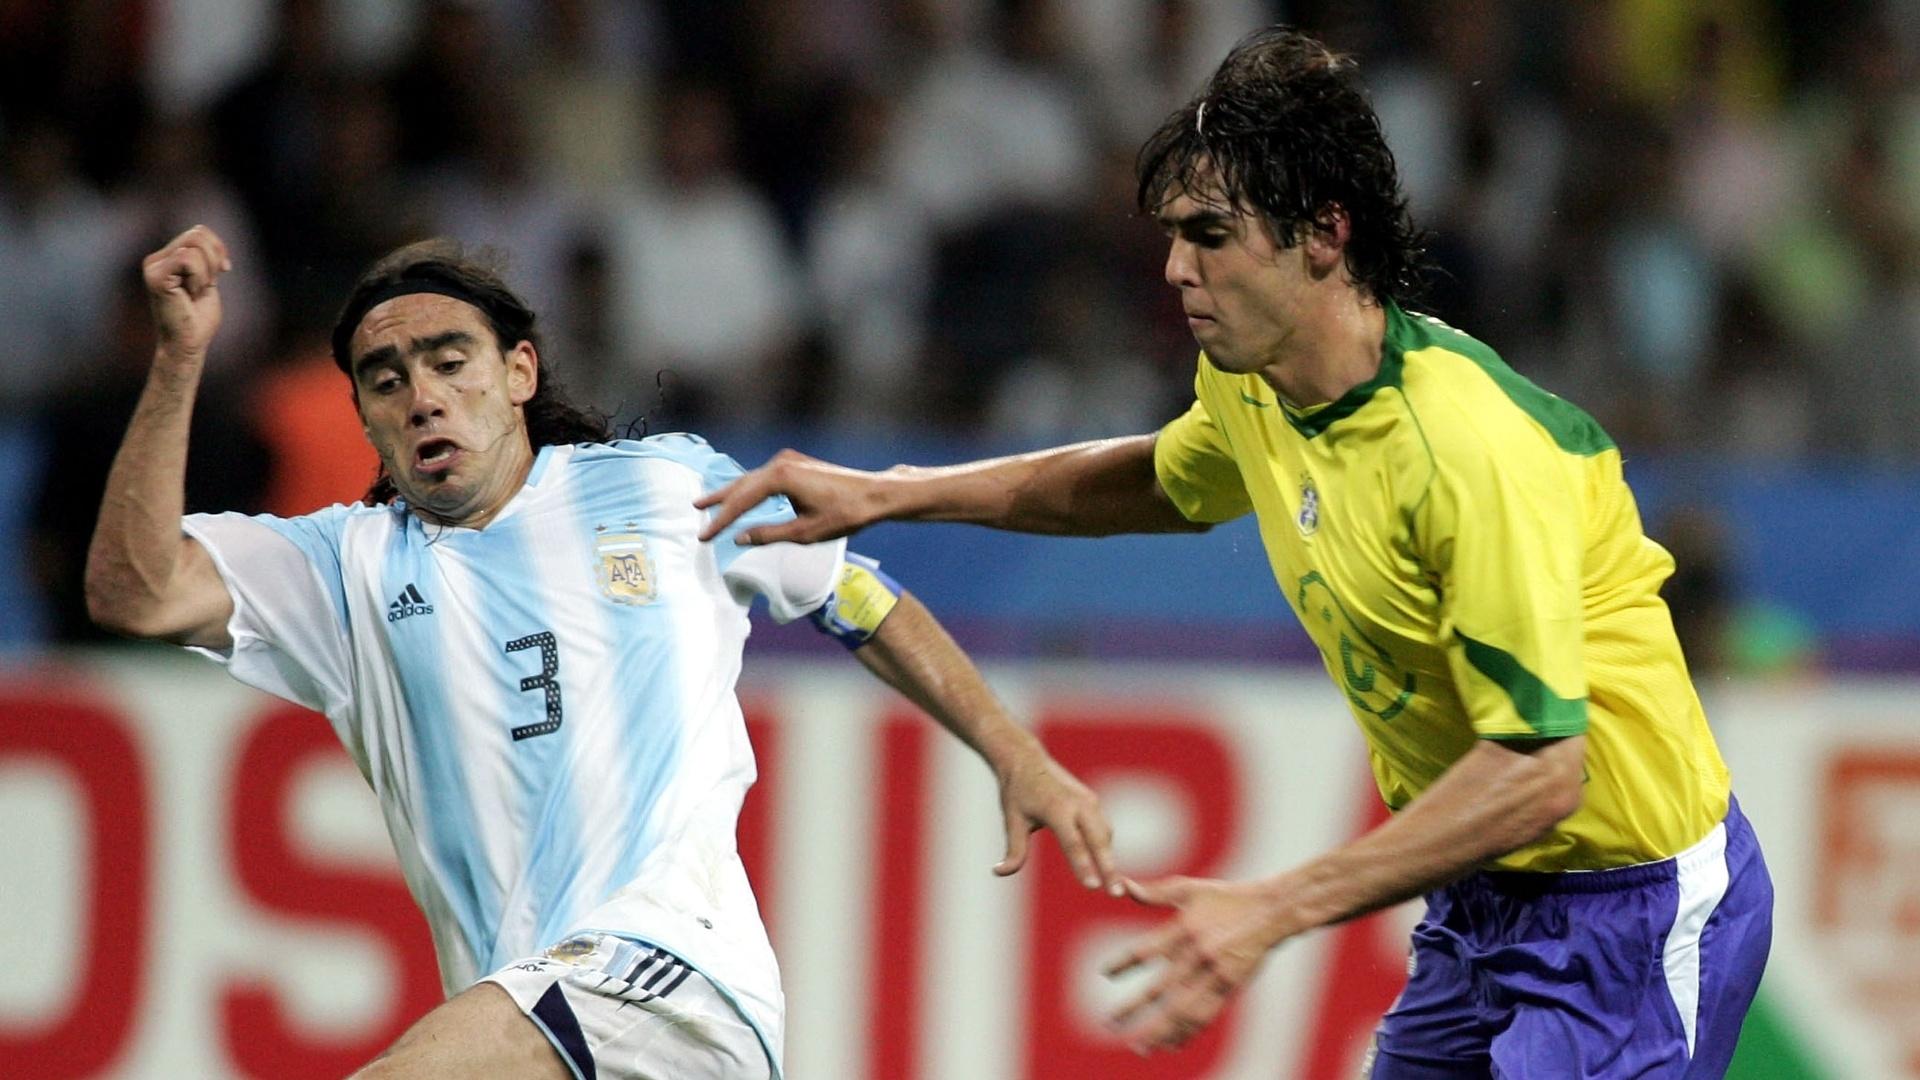 Kaka e Sorin disputam jogada durante a Copa das Confederações de 2005